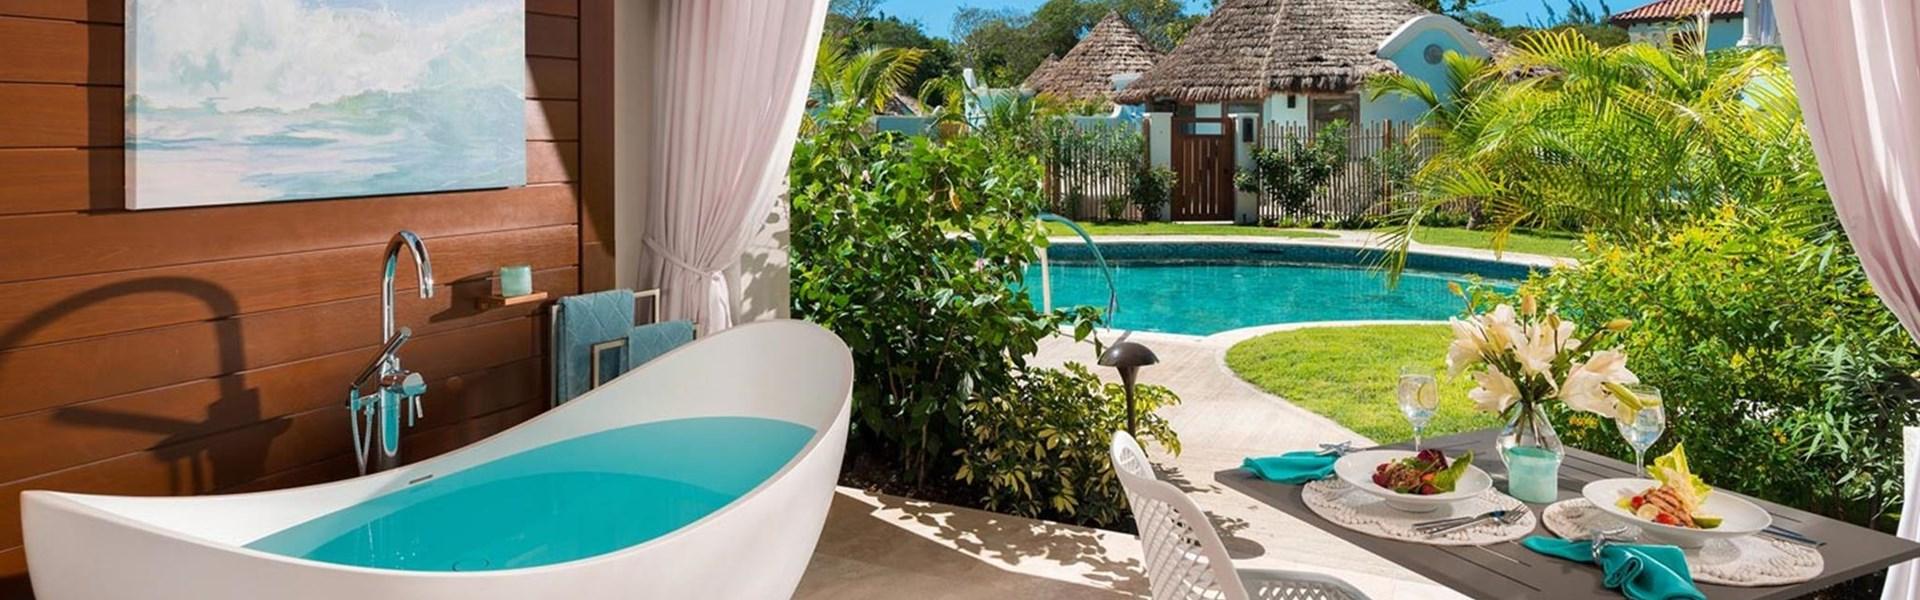 Marco Polo - Sandals Royal Barbados -